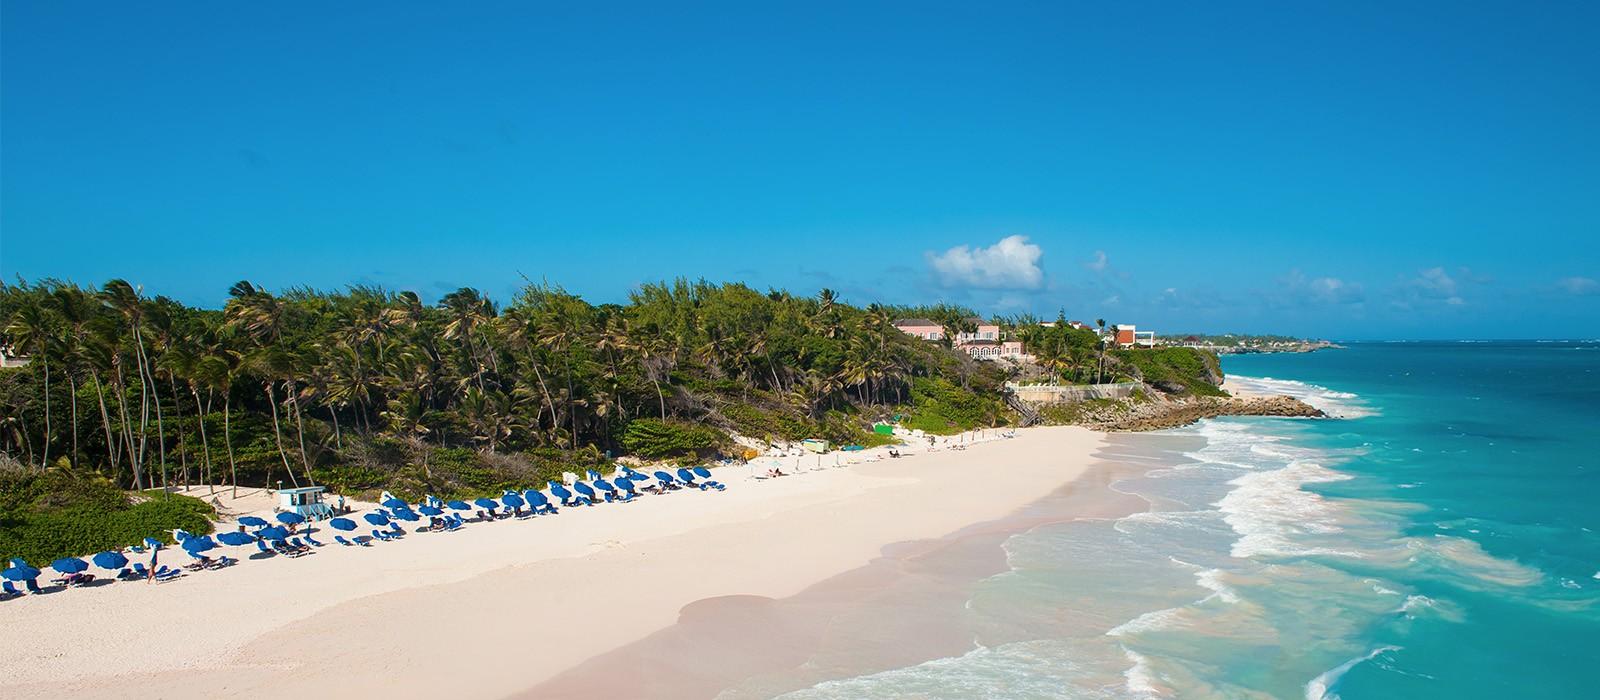 Header - The Crane Barbados - Luxury Barbados Holidays